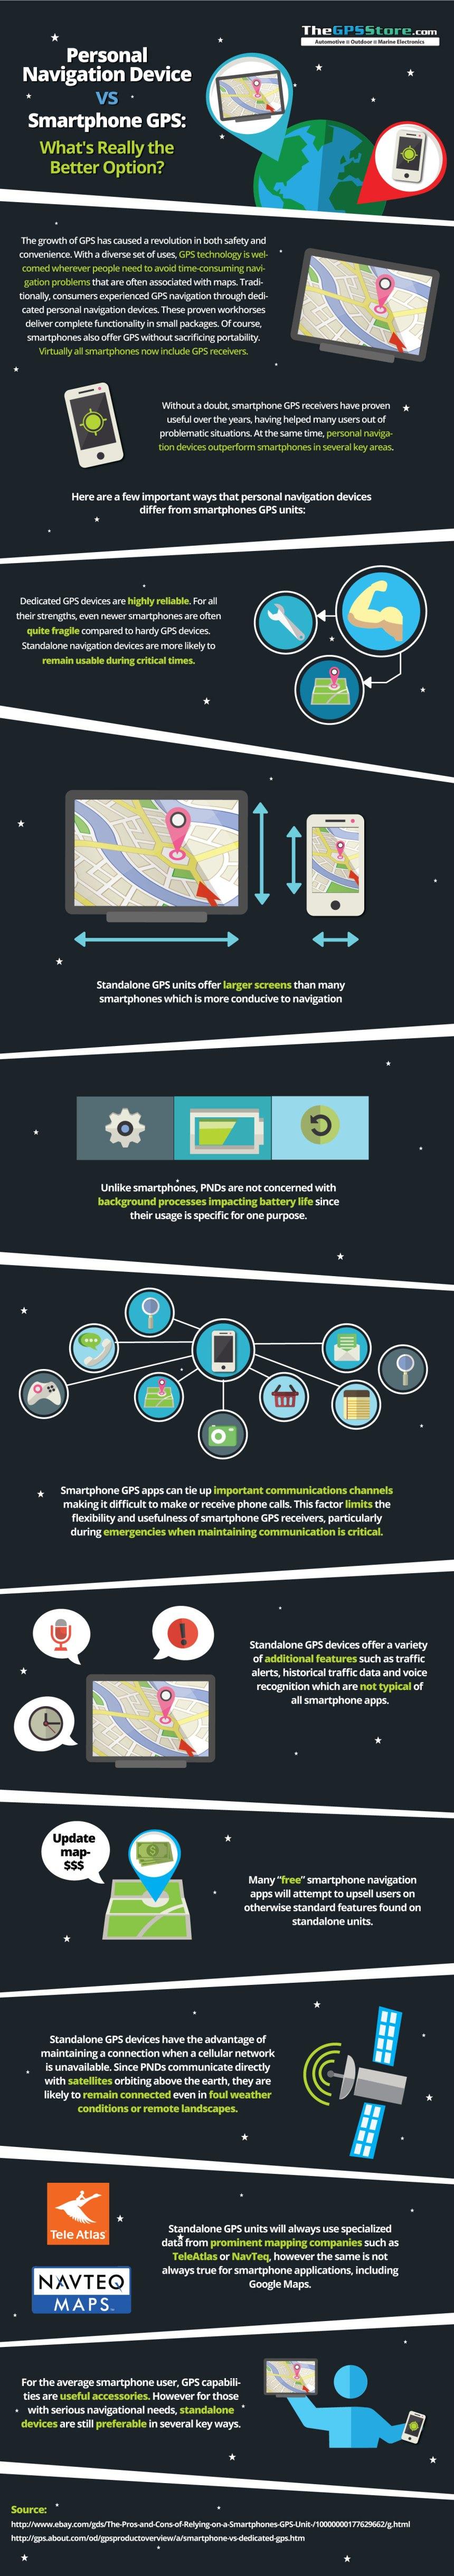 Navegadores vs Smartphones